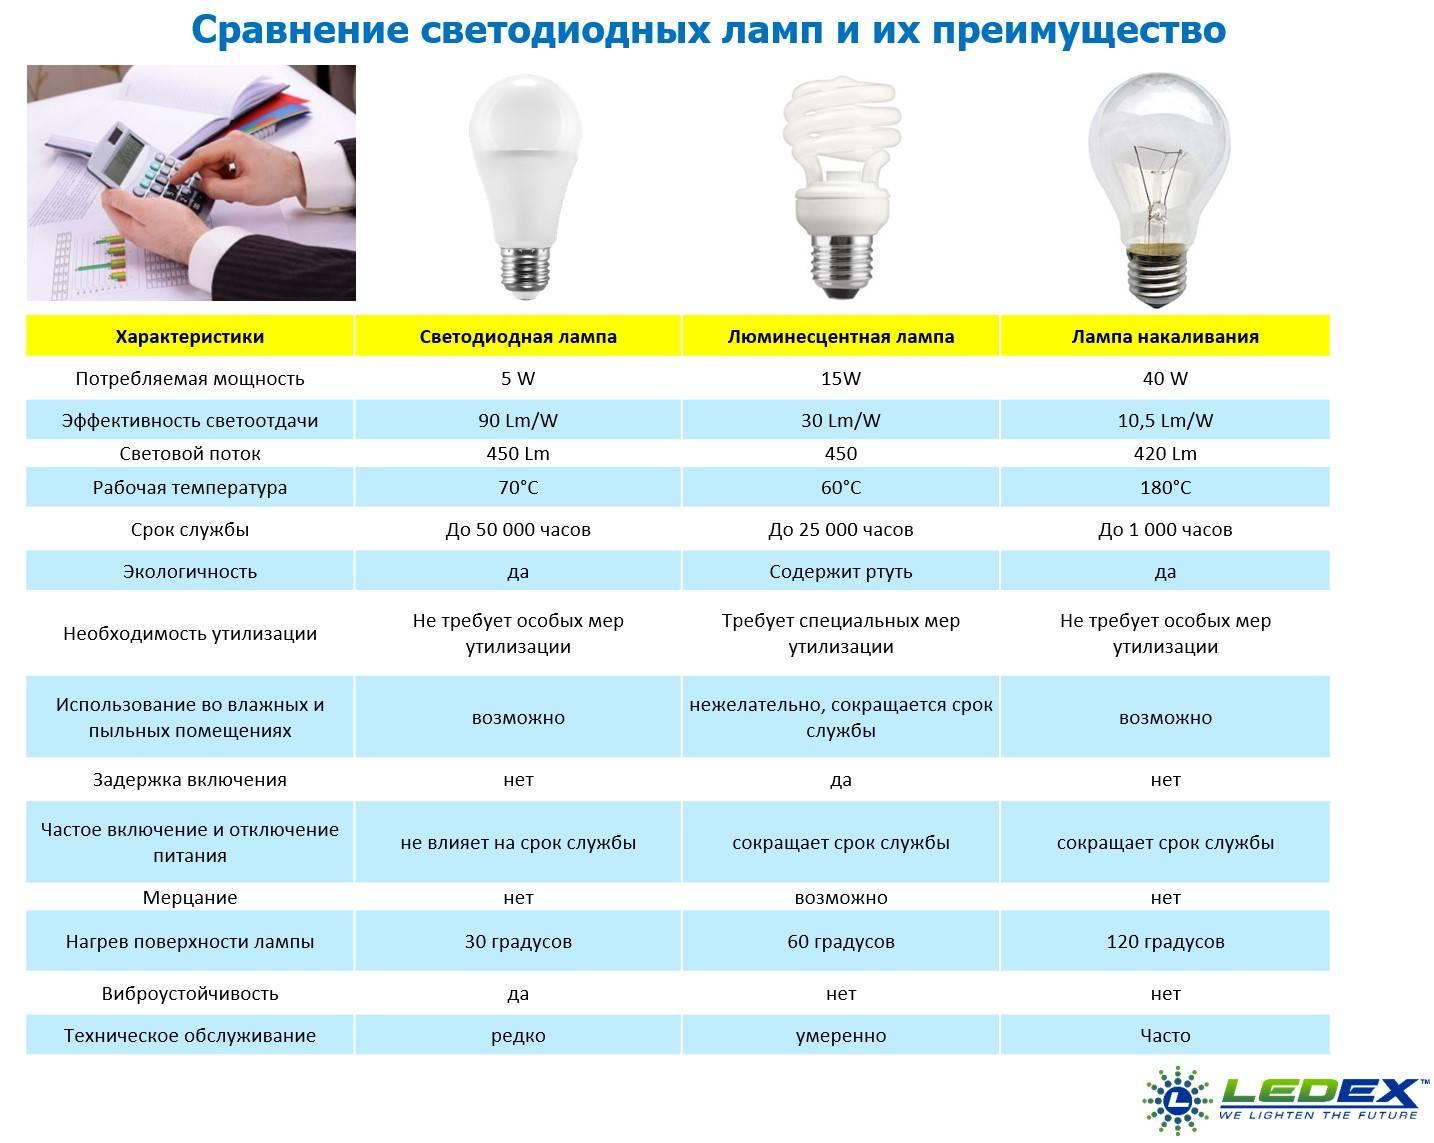 Виды энергосберегающих ламп и их цоколей - светодиодные и другие, цена